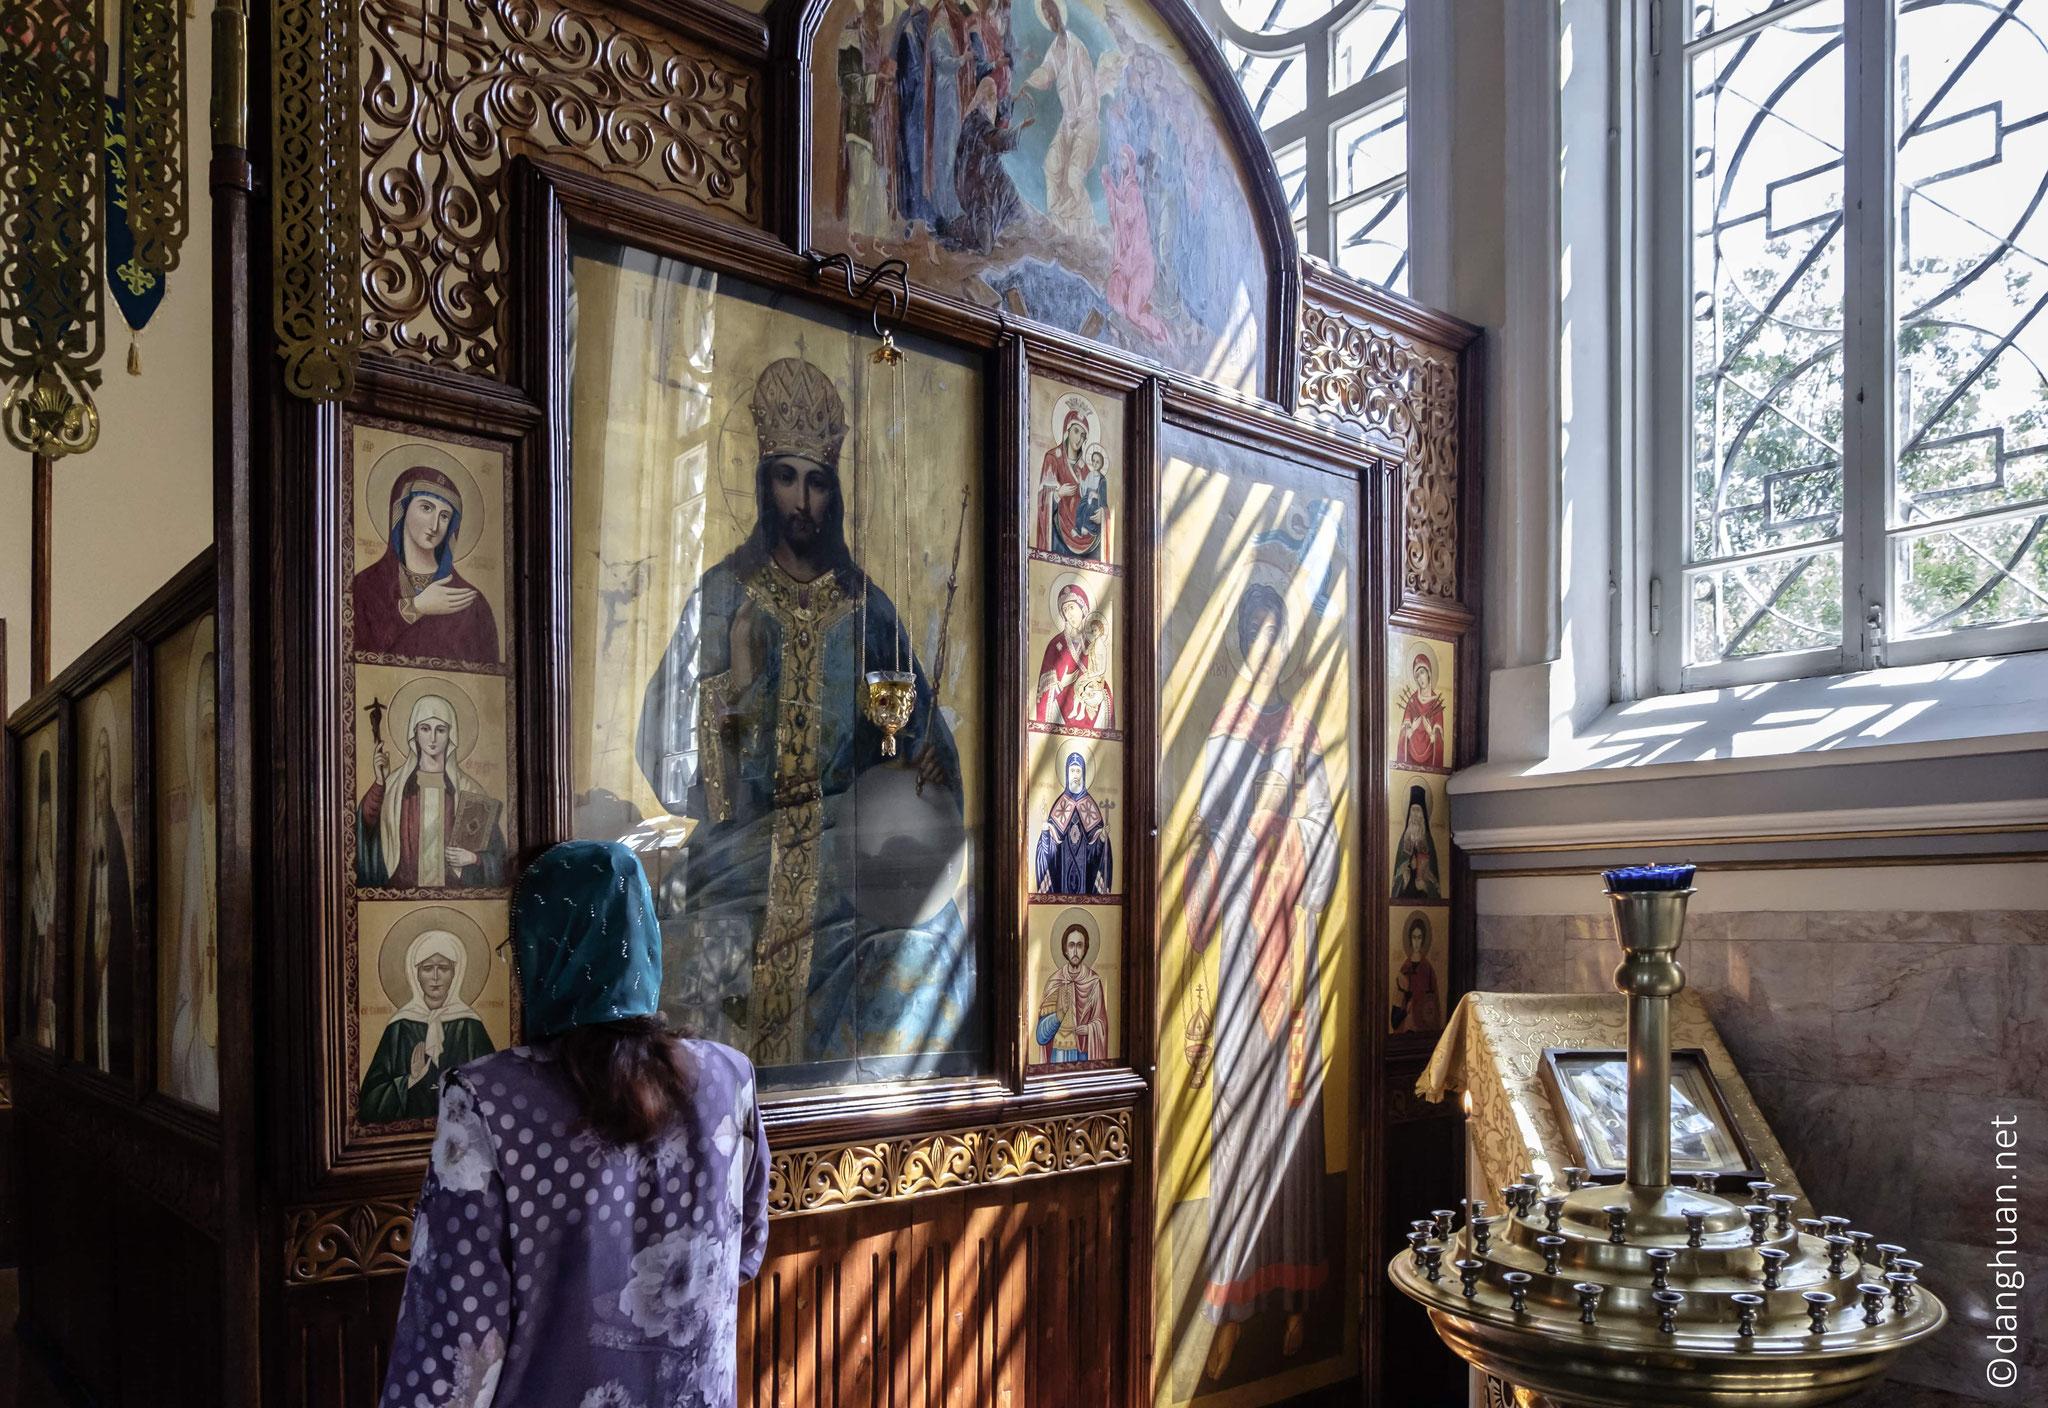 Eglise orthodoxe : Aujourd'hui les Russes représentent 5% de la population